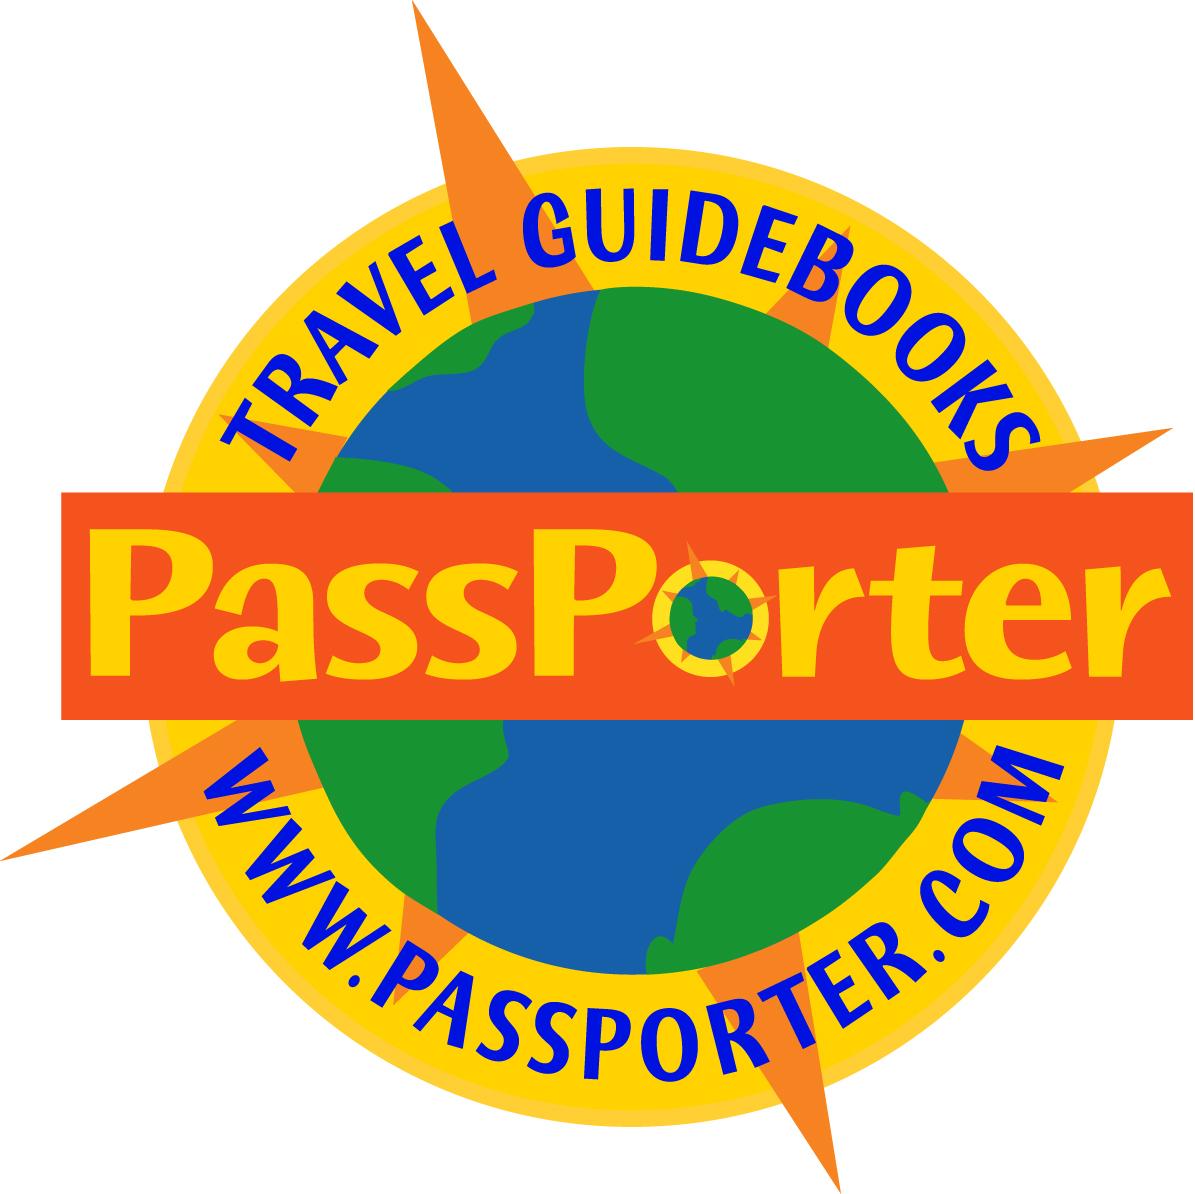 PassPorter.com